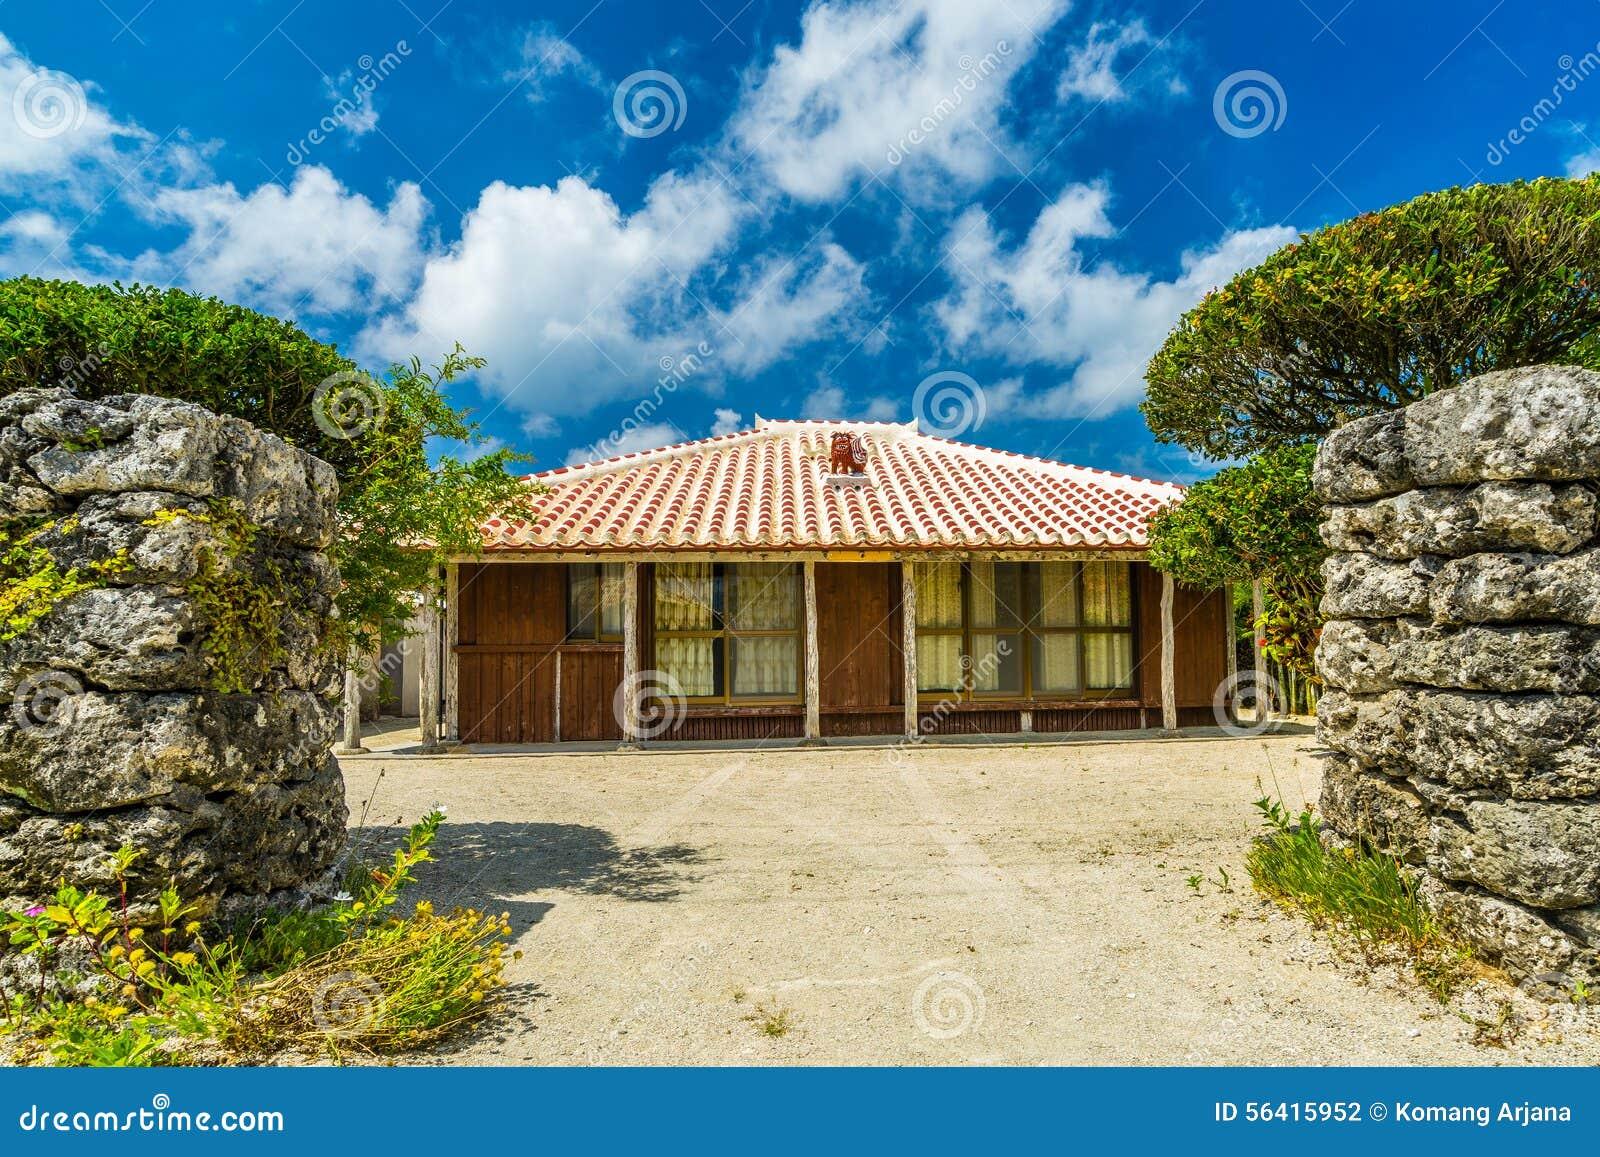 一个传统村庄在竹富岛,冲绳岛日本小海岛